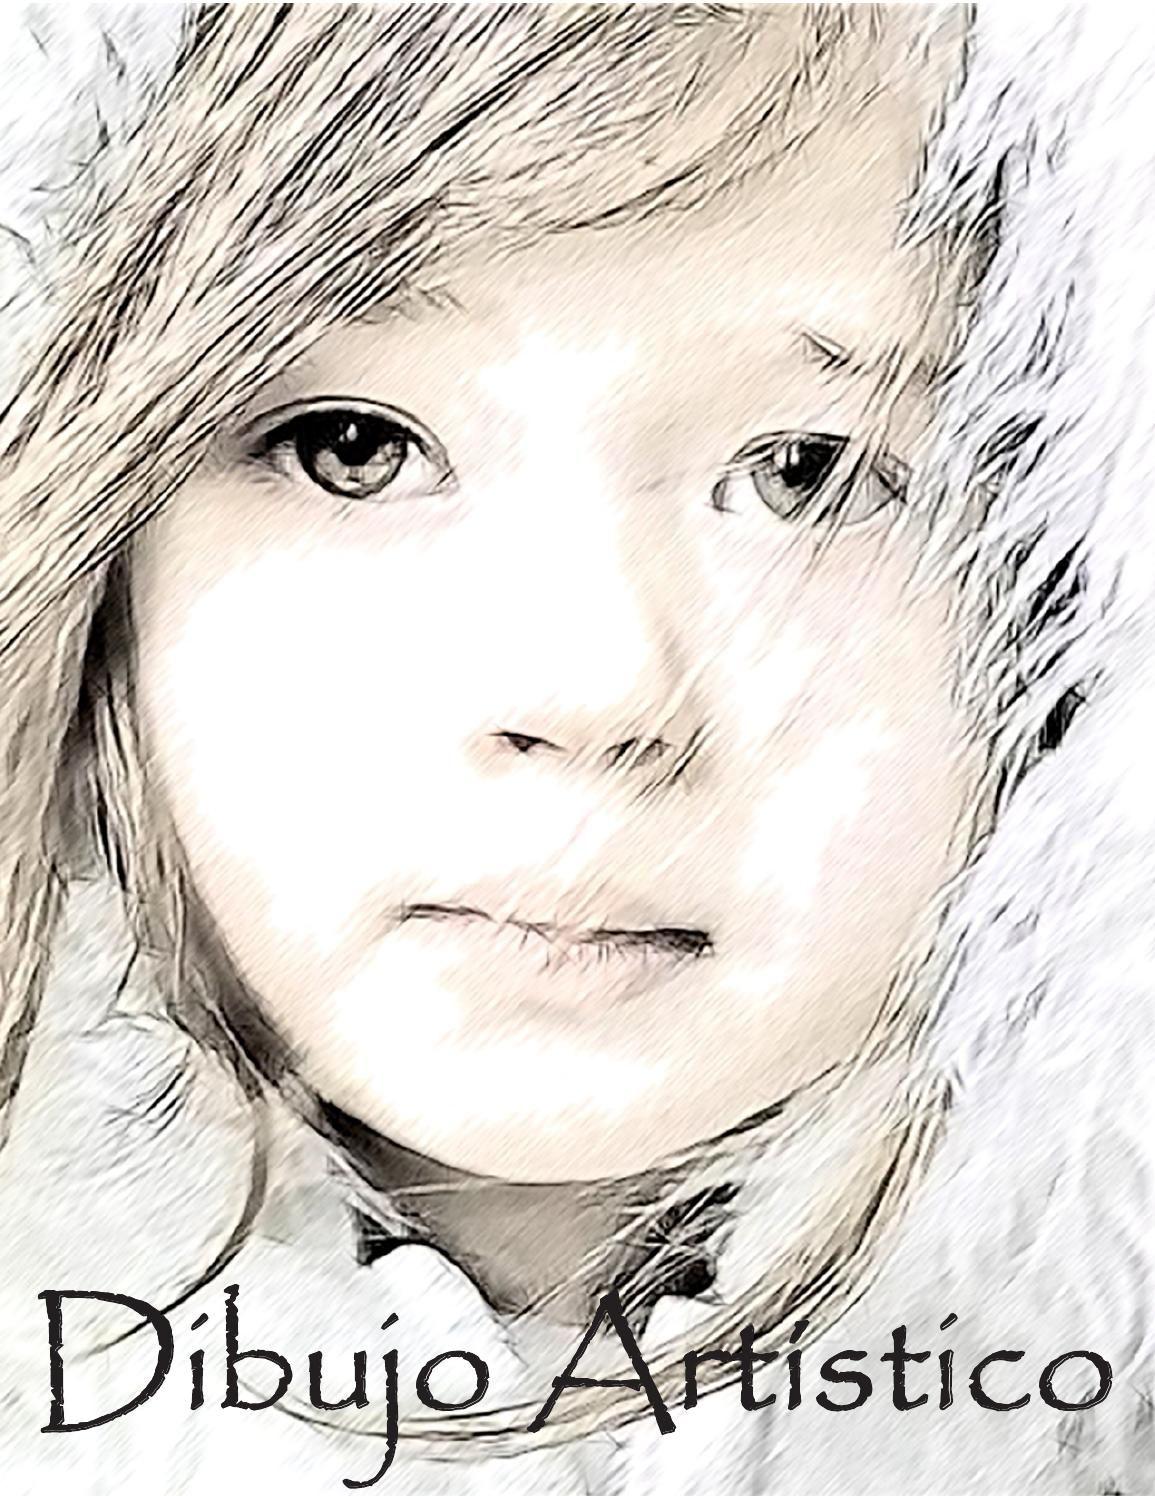 Dibujo Artistico Dibujo Tecnico Cool Art Drawings Human Sketch Drawing People